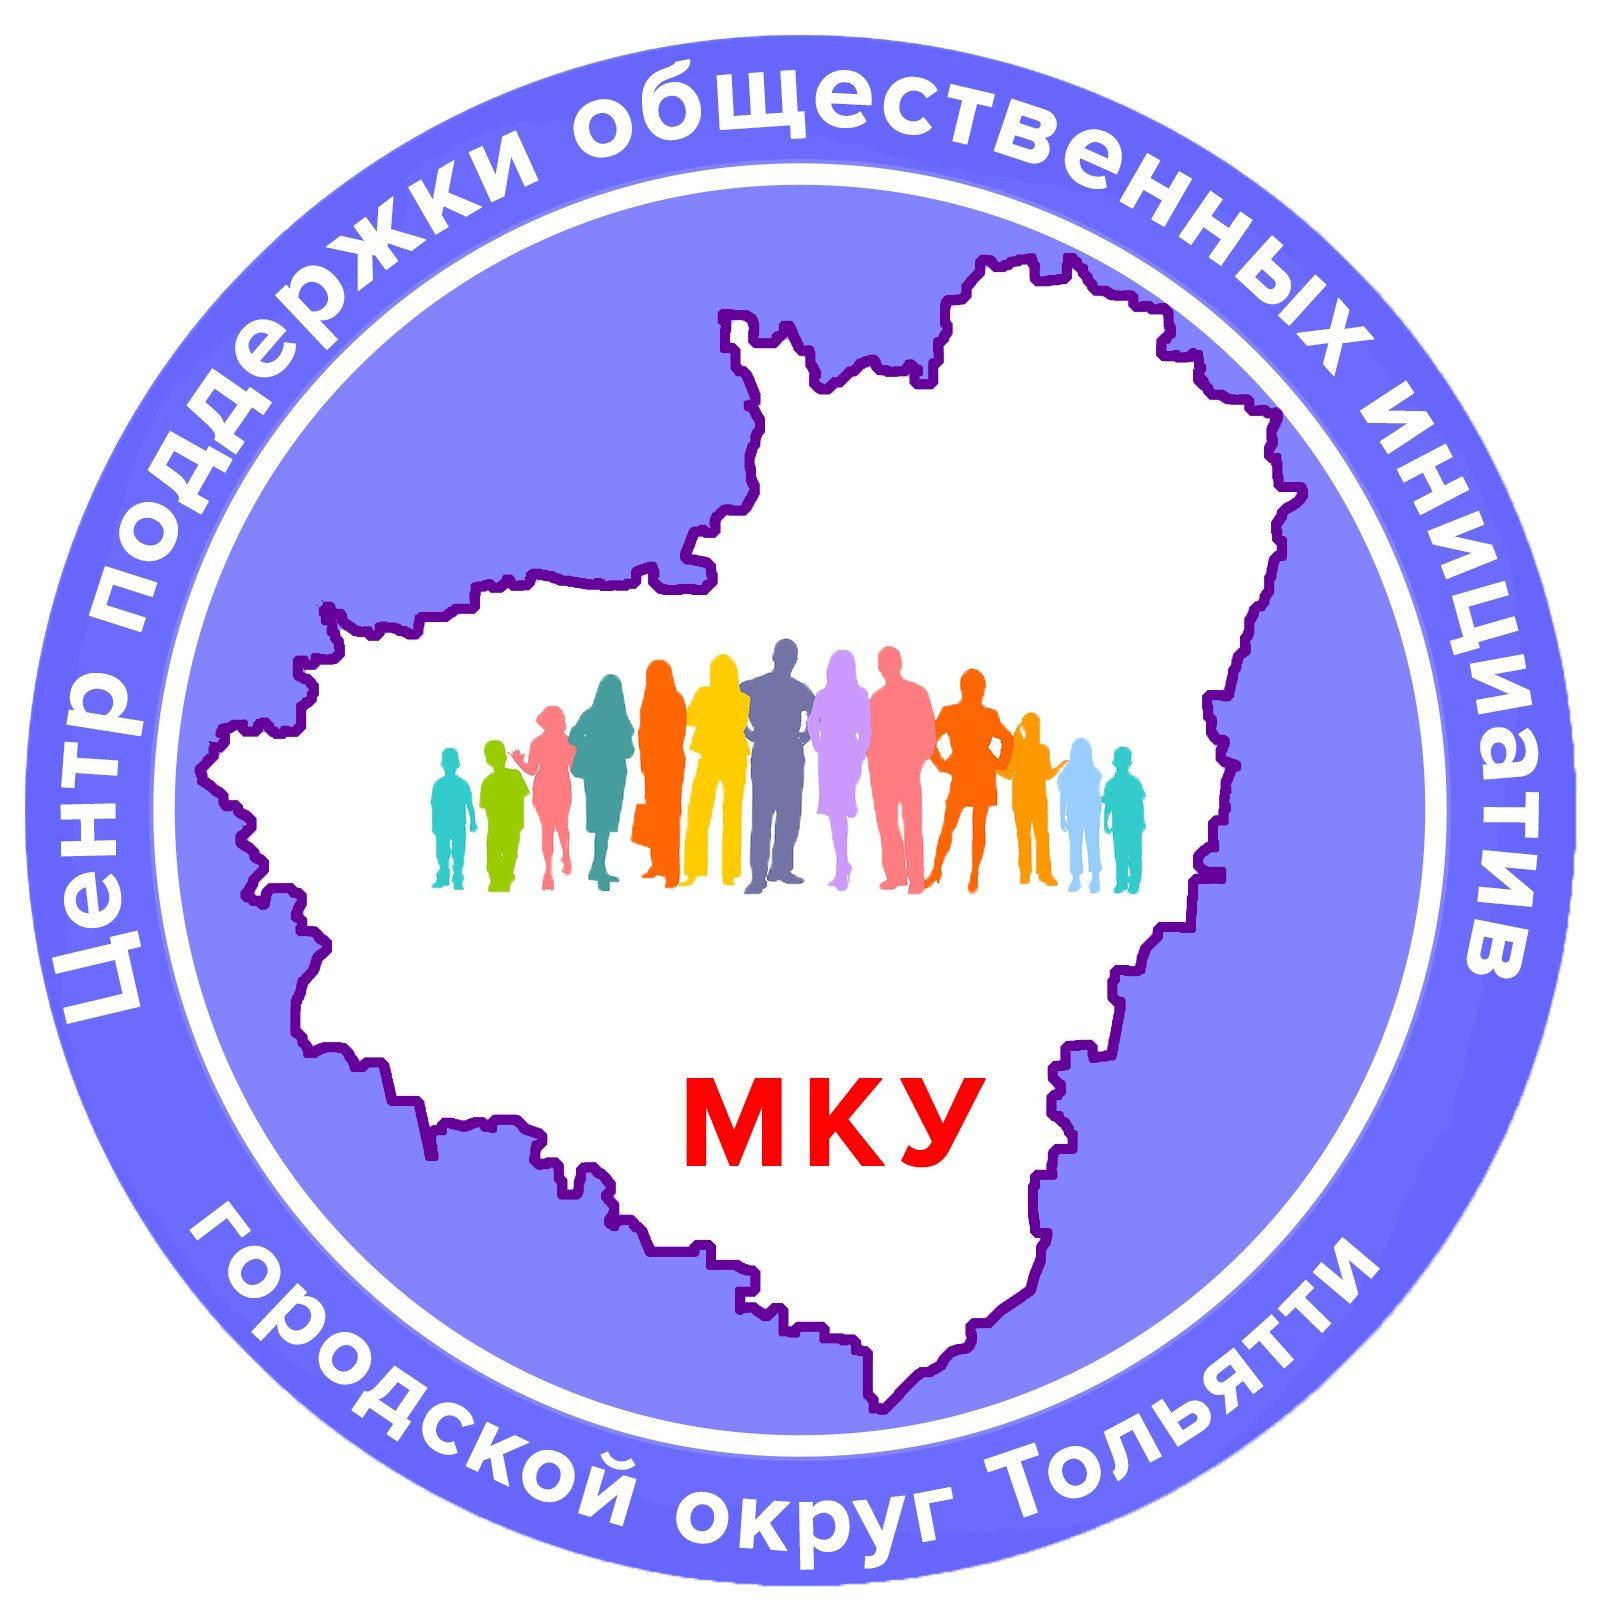 """Официальный сайт МКУ """"Центр поддержки общественных инициатив"""" г.Тольятти"""